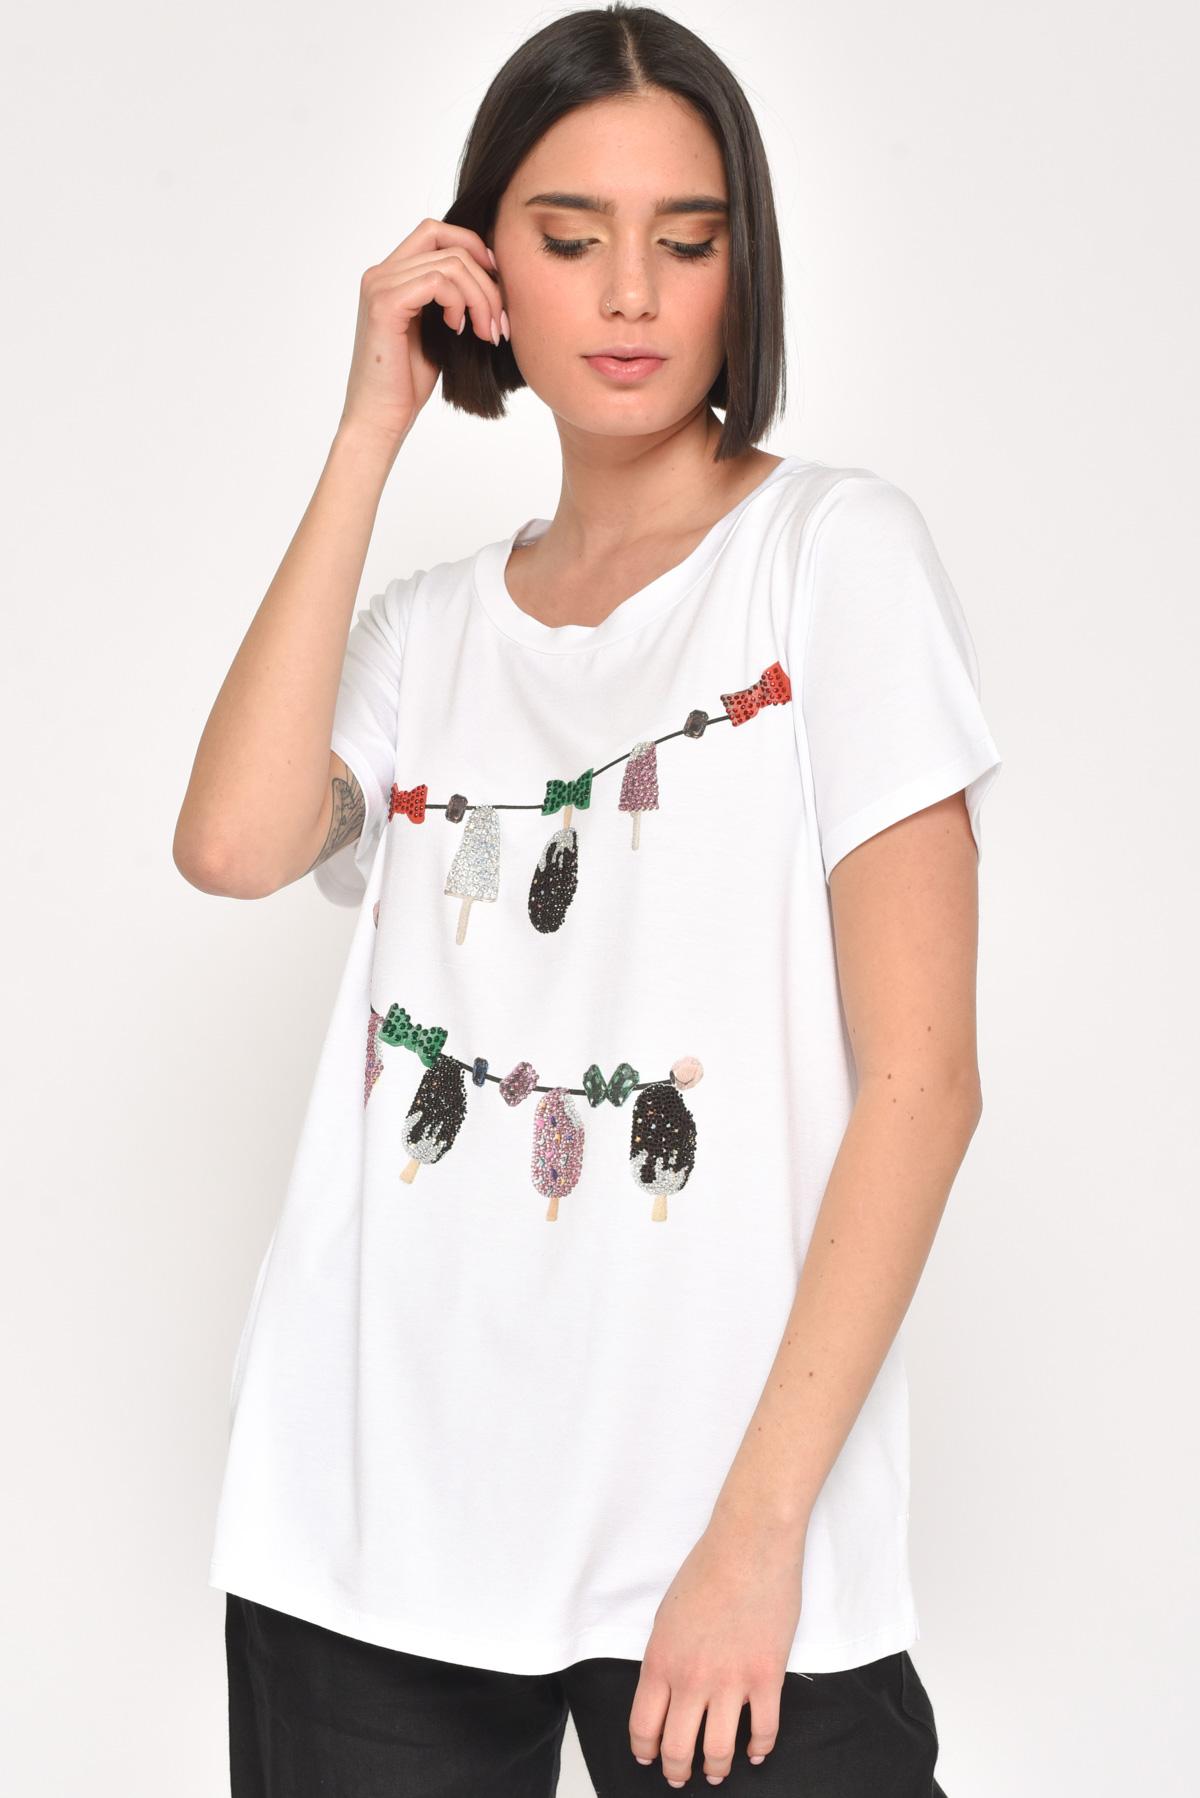 T-SHIRT GELATI IN COTONE CON STRASS da donna - BIANCO / NERO - Paquito Pronto Moda Shop Online